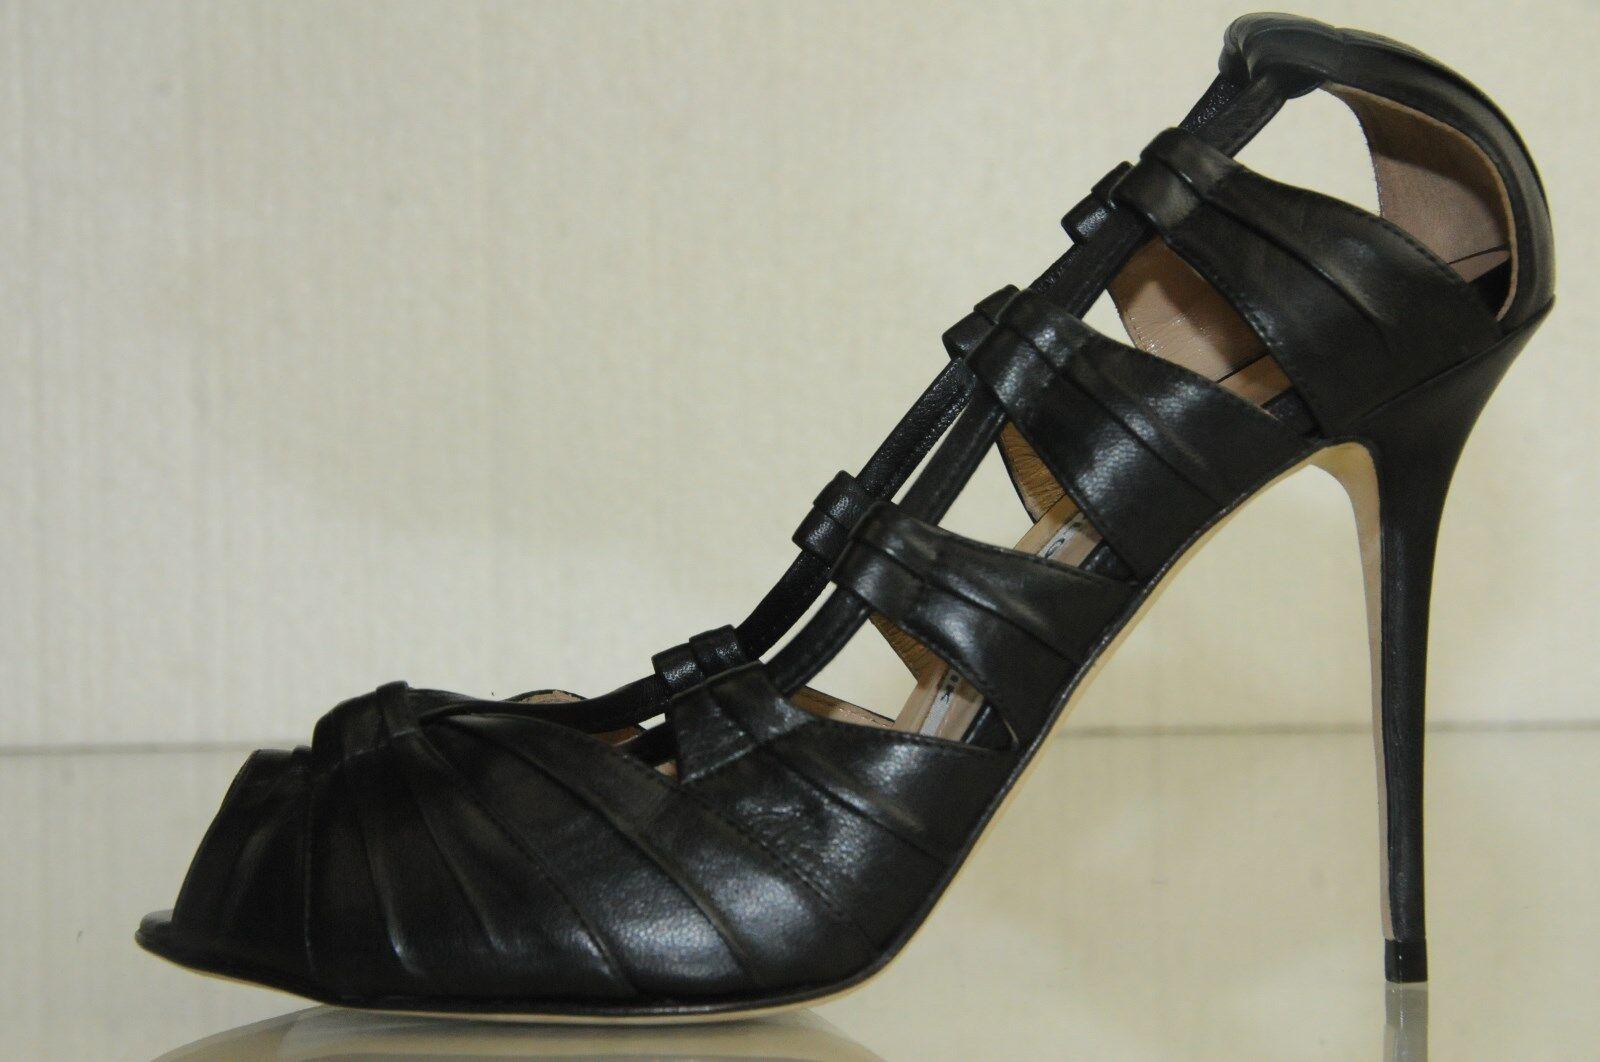 Nuevo Manolo Blahnik Natuk Cuero Negro Punta Abierta Corte Corte Corte Zapatos de Tacón 37  hermoso